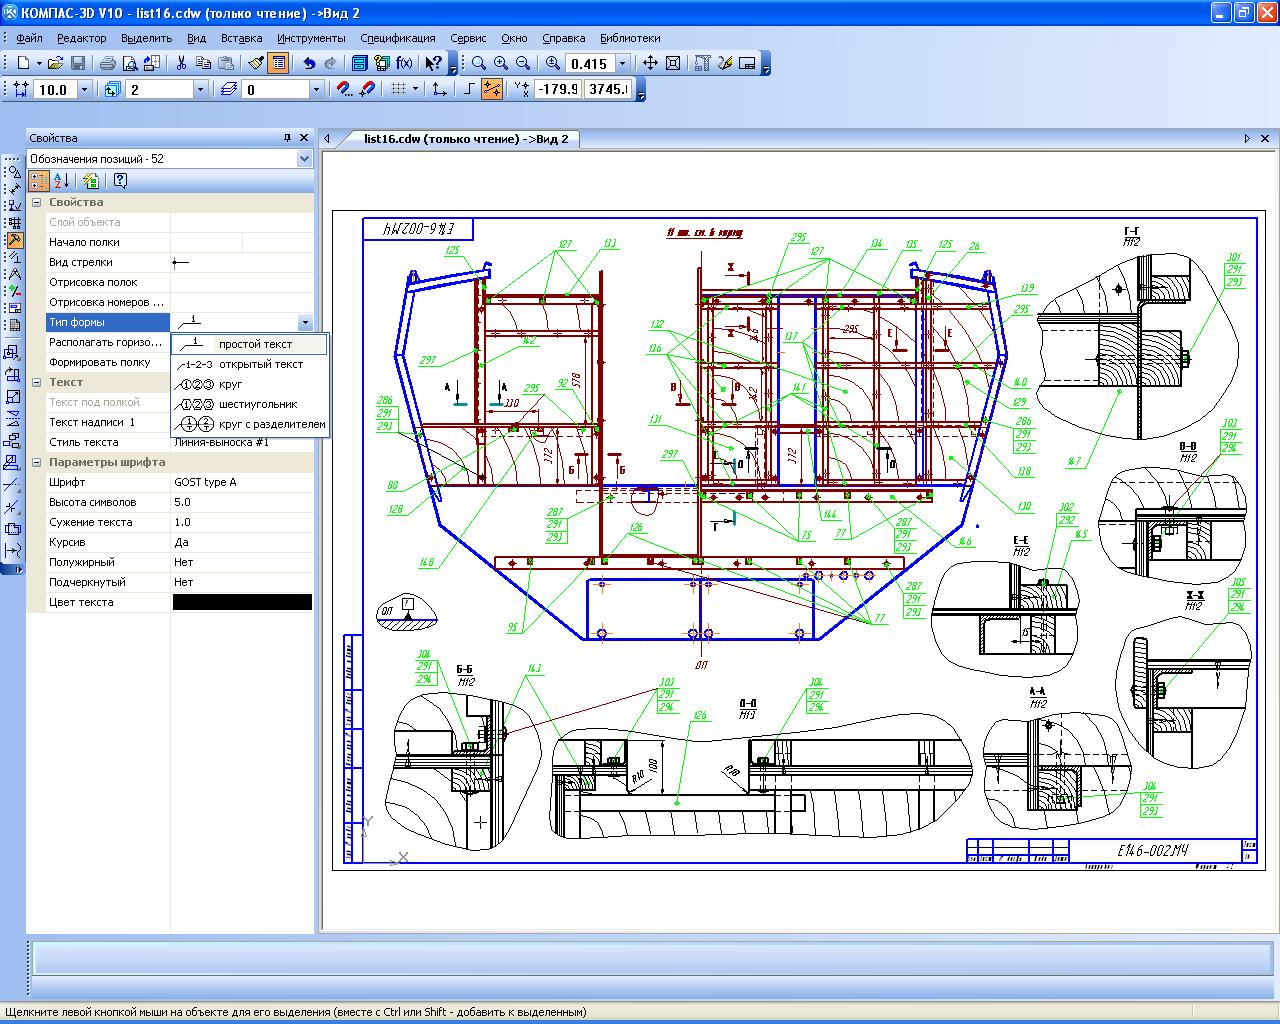 Программа для схемы трубопроводов